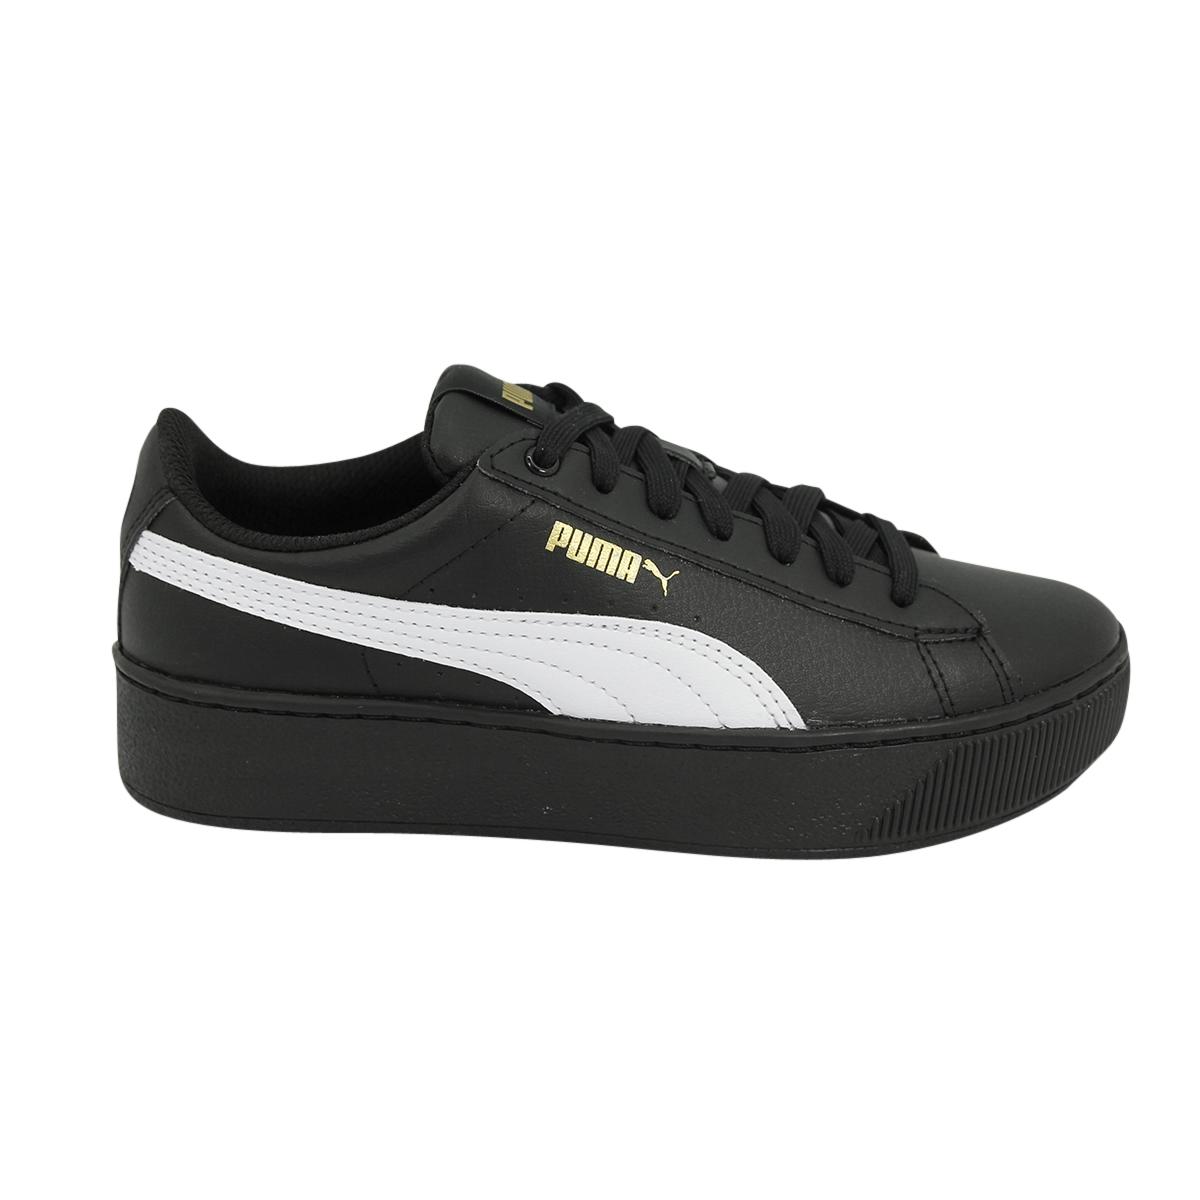 d334f4a731 PUMA PUMA VIKKY PLATFORM Damen Sneakers Schuhe Neu - EUR 39,90 ...